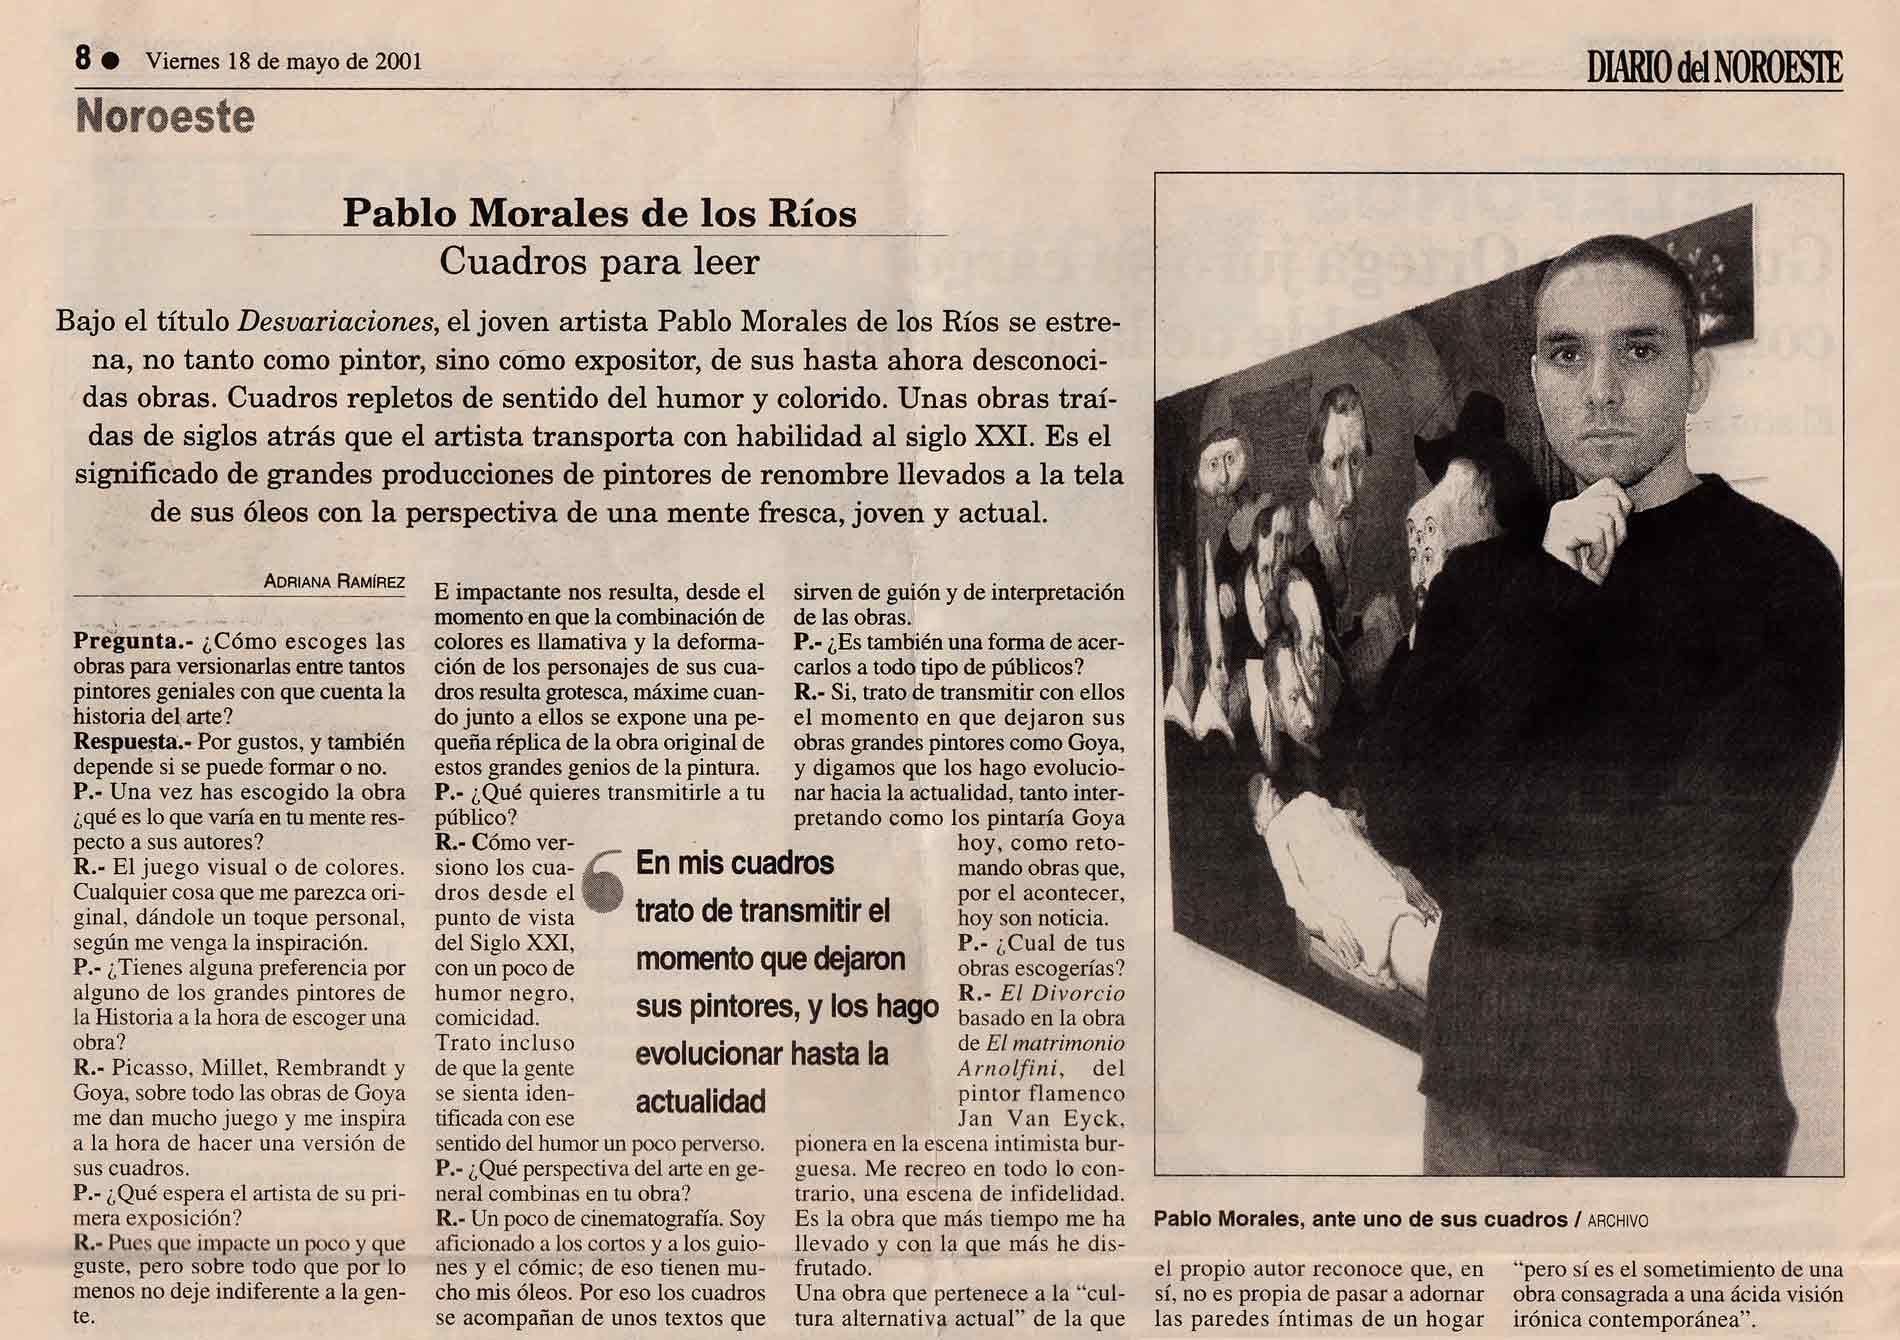 Entrevista 2001 - Diario del Noroeste